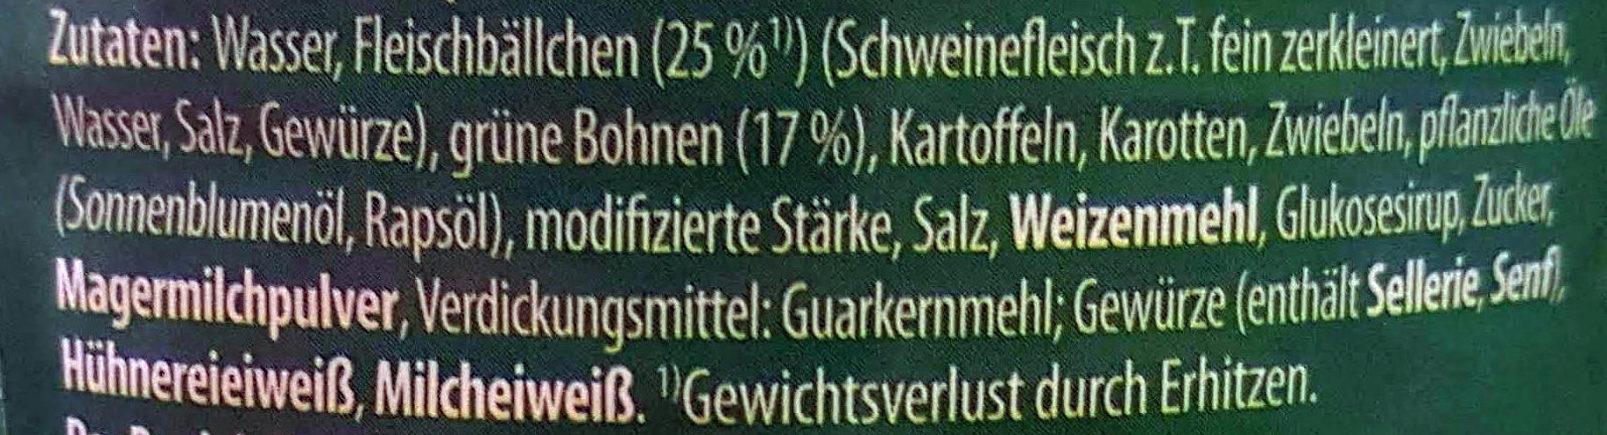 Primana Fleischbällchentopf mit grünen Bohnen - Ingrédients